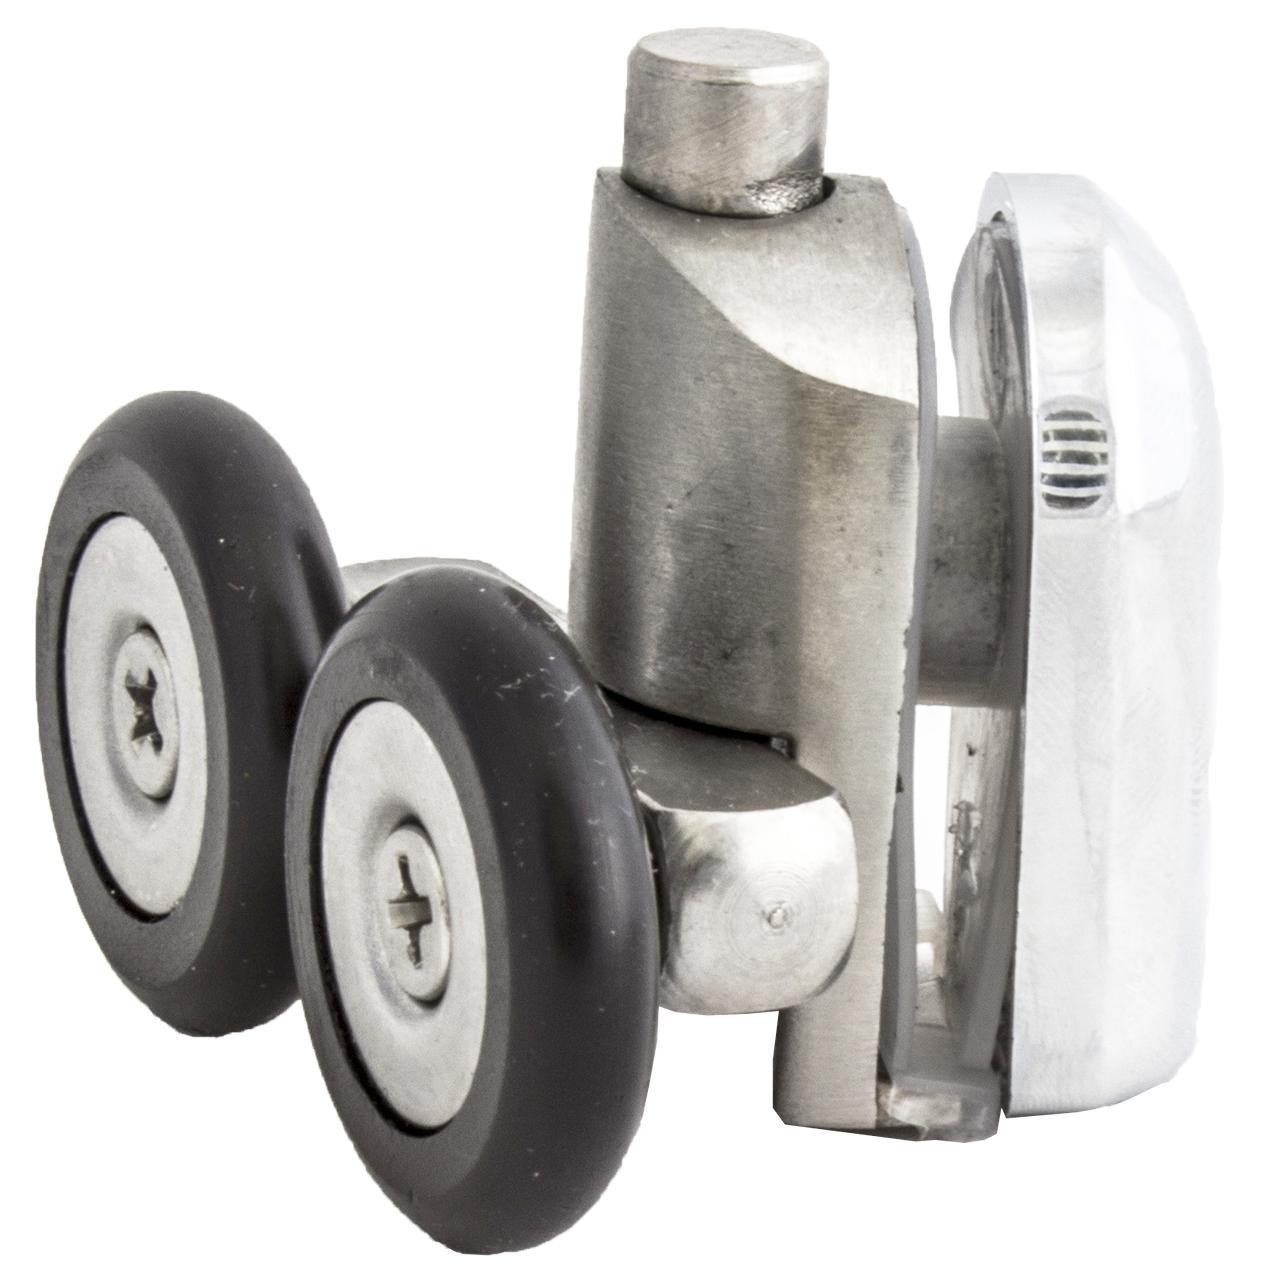 Ролик душової кабіни подвійний, нижній, натискної, металевий, нержавійка ( N-43D ) 23 мм